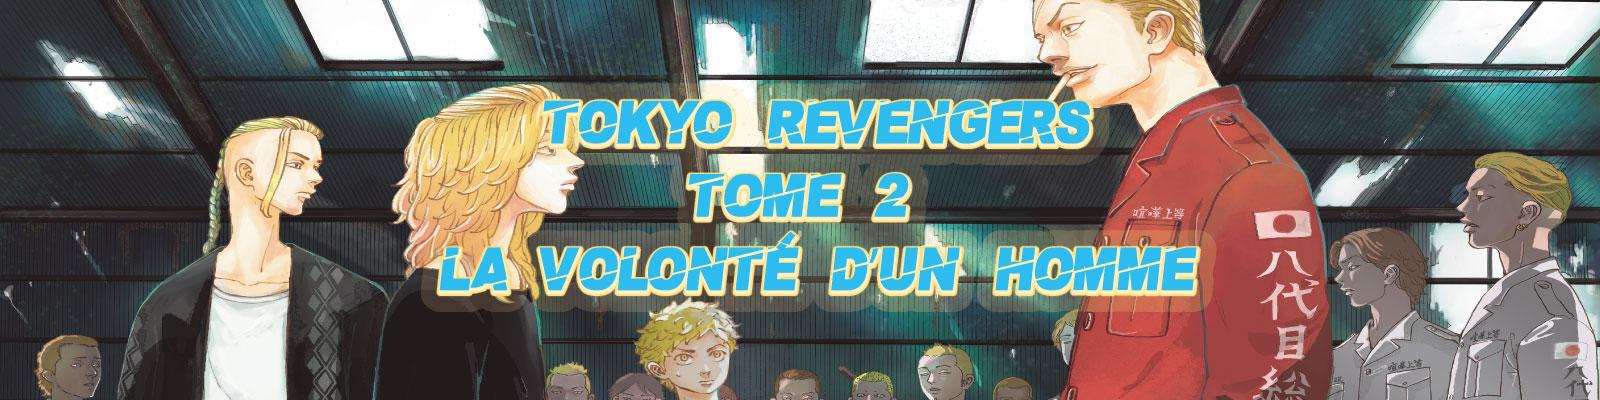 Tokyo Revengers T2